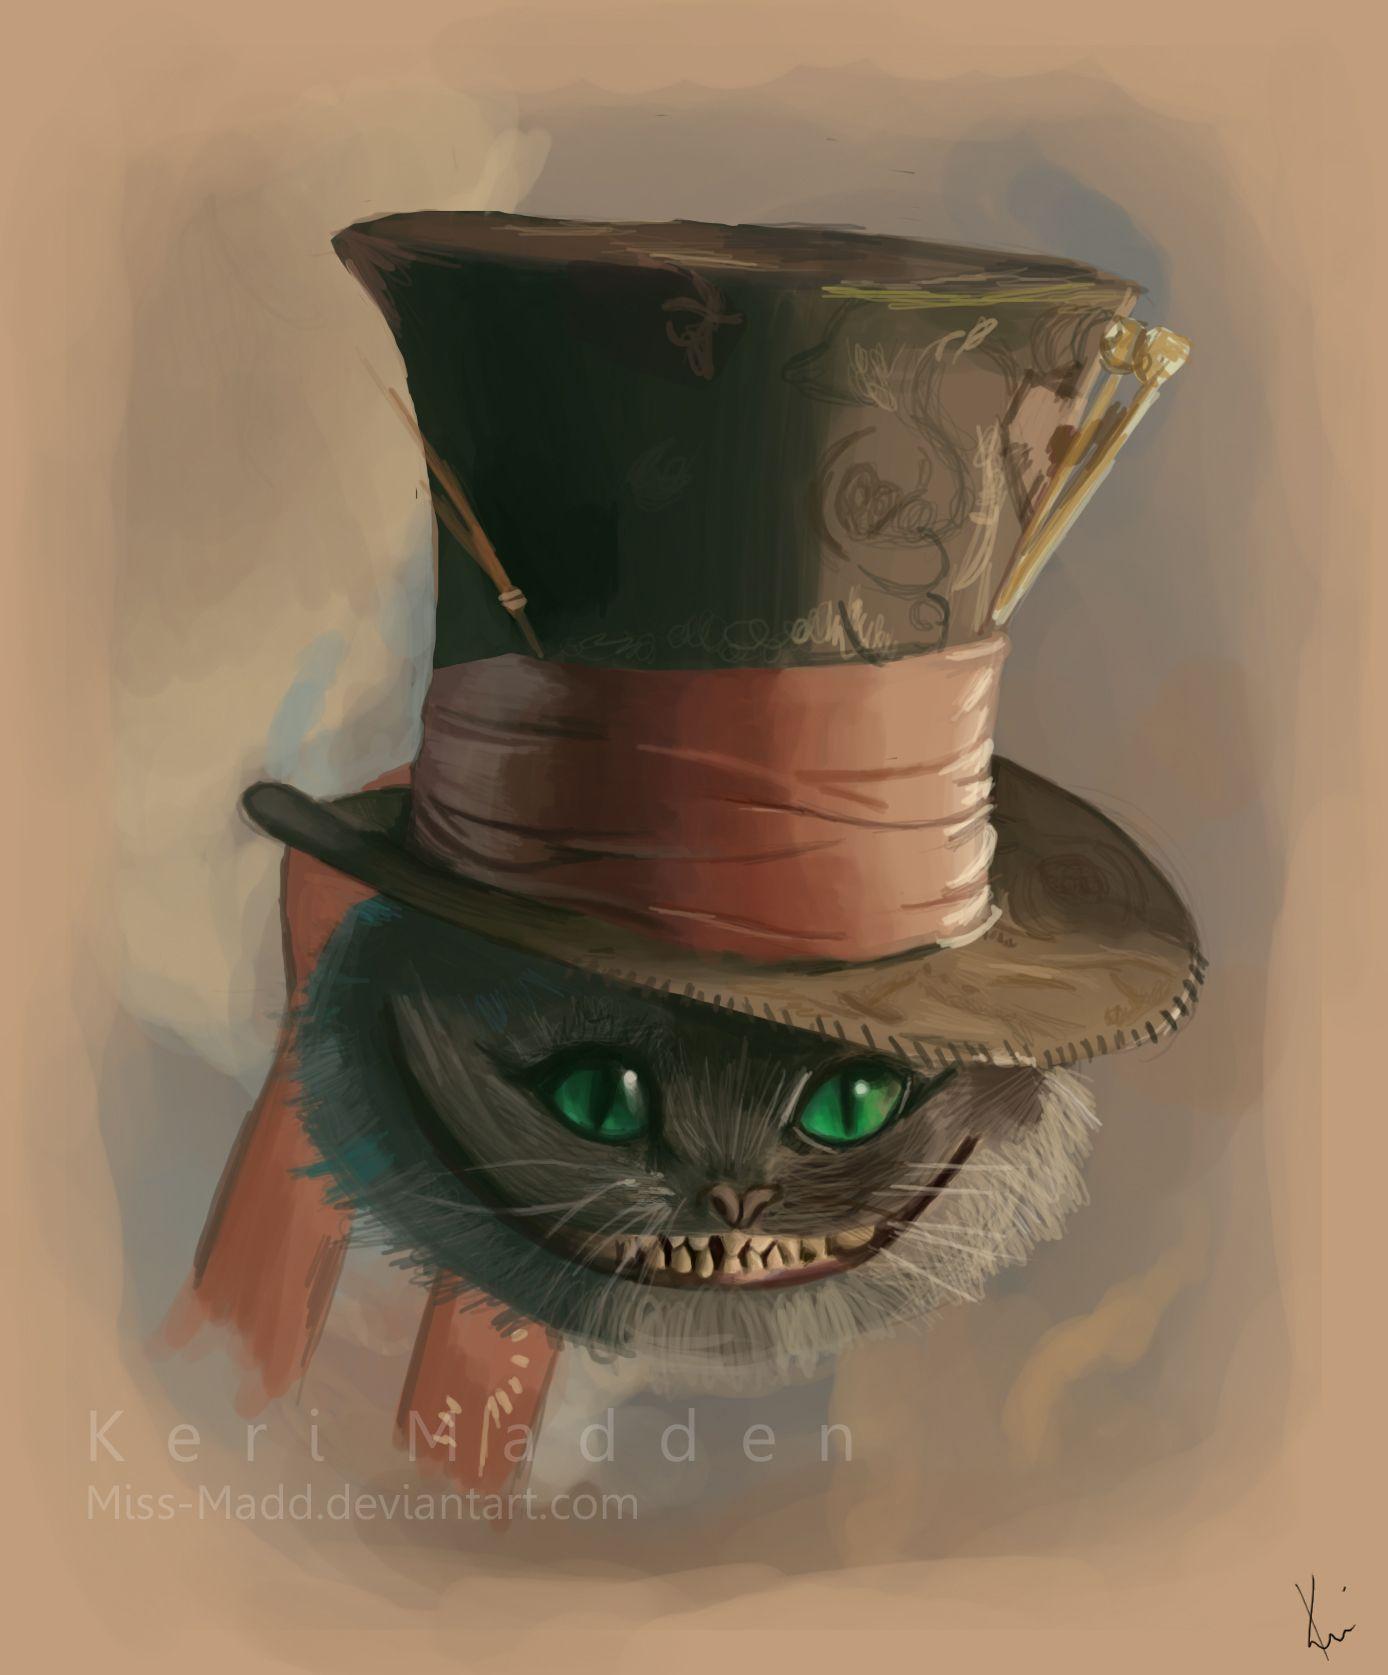 débiles perrito terminar  tim_burton__s_cheshire_cat_by_miss_madd.jpg (1388×1675) | Gato de alicia, Gato  de cheshire, Tim burton personajes